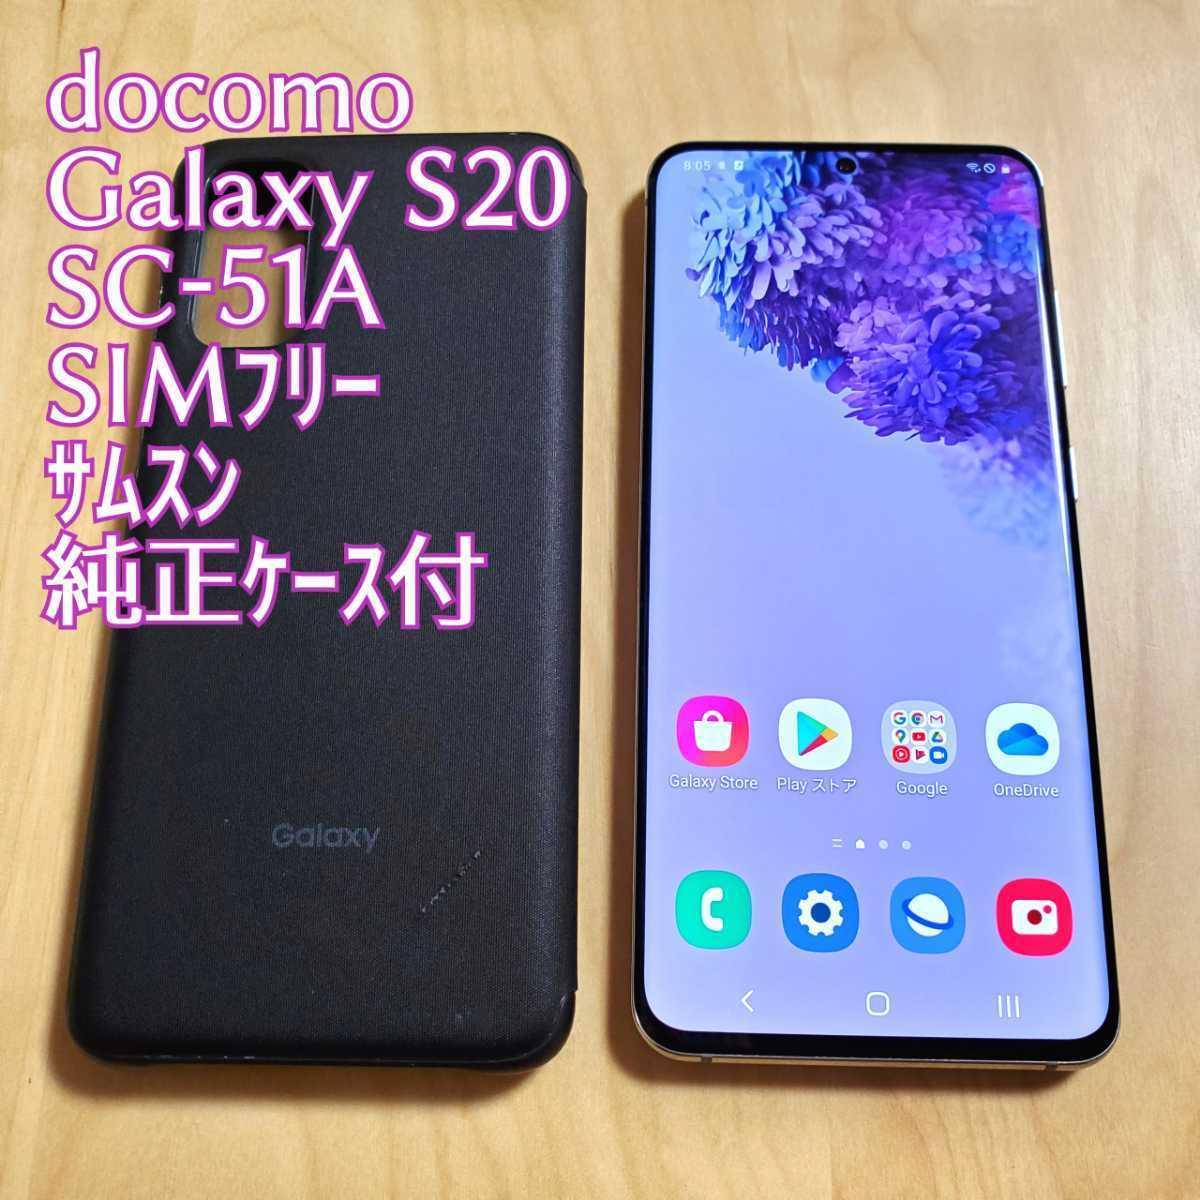 【美品】ドコモ Galaxy S20 5G SC-51A ホワイト/判定○/SIMフリー/128GB/サムスン純正ケース付き〈送料無料〉